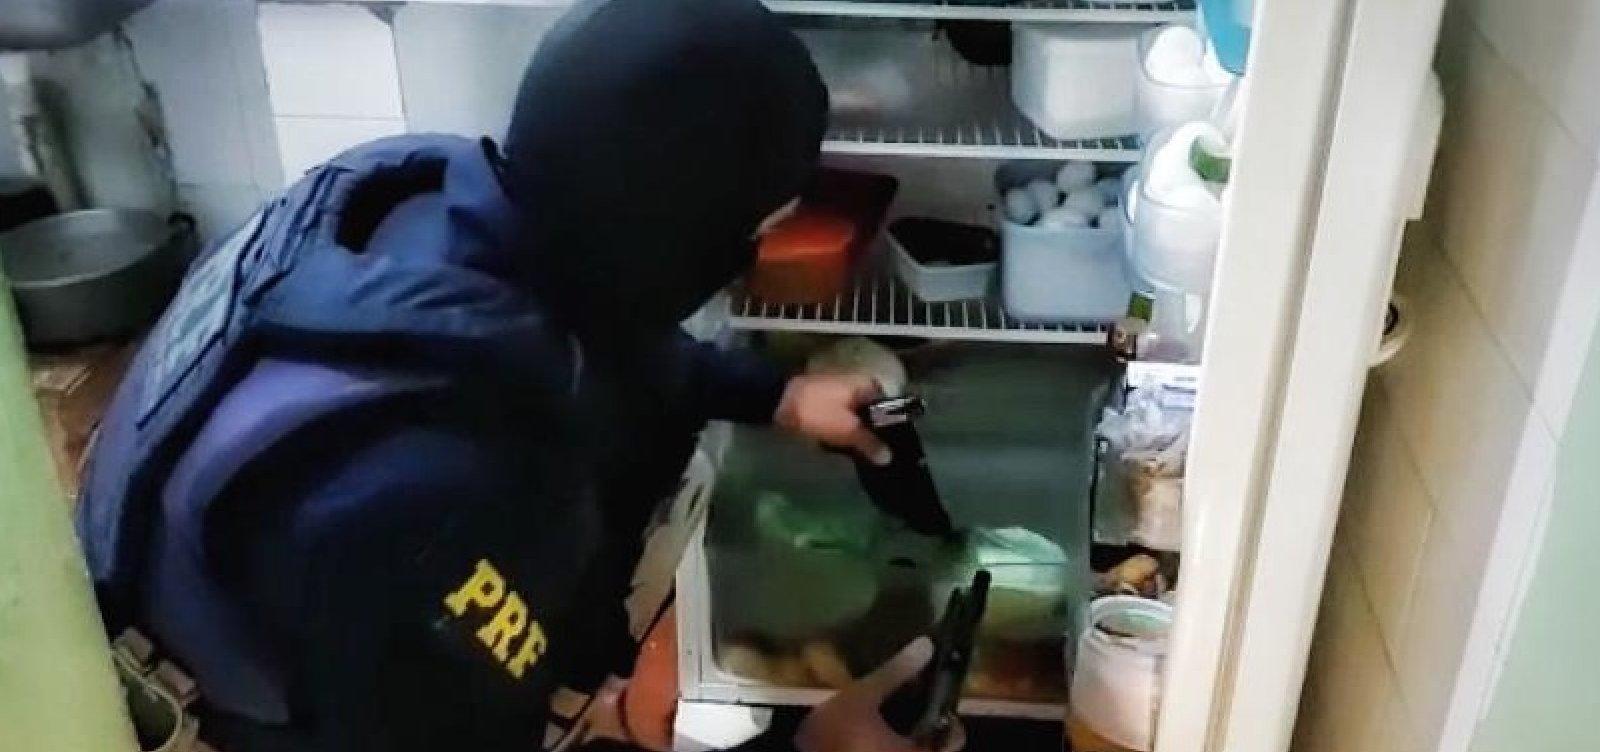 [Operação cumpre mandados de prisão contra policiais suspeitos de integrarem milícia]